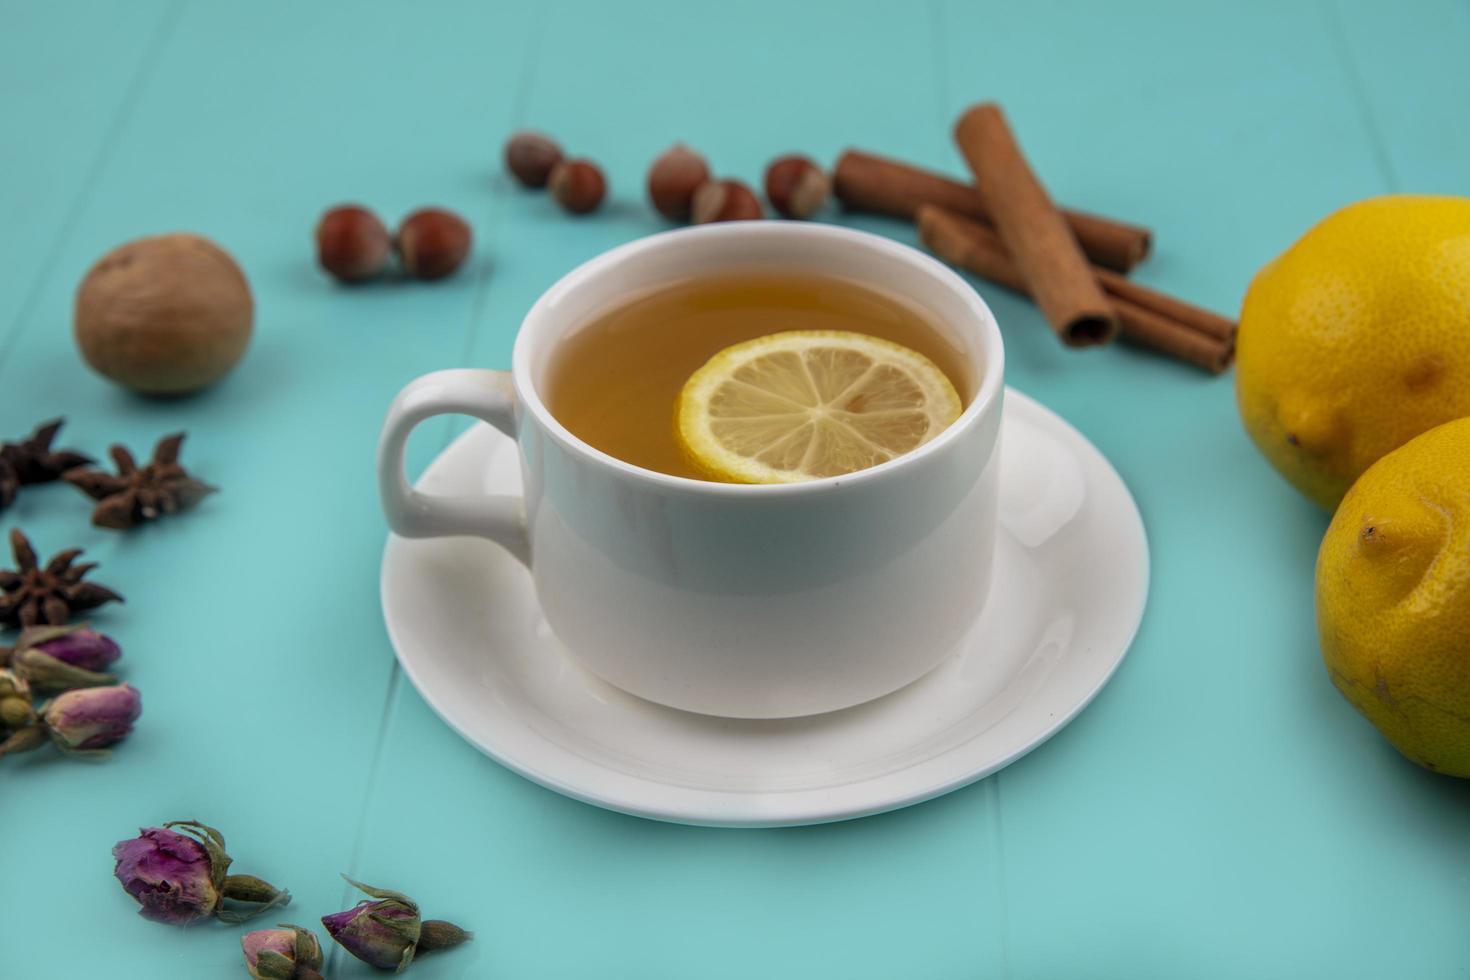 vue latérale d'une tasse de thé au citron photo